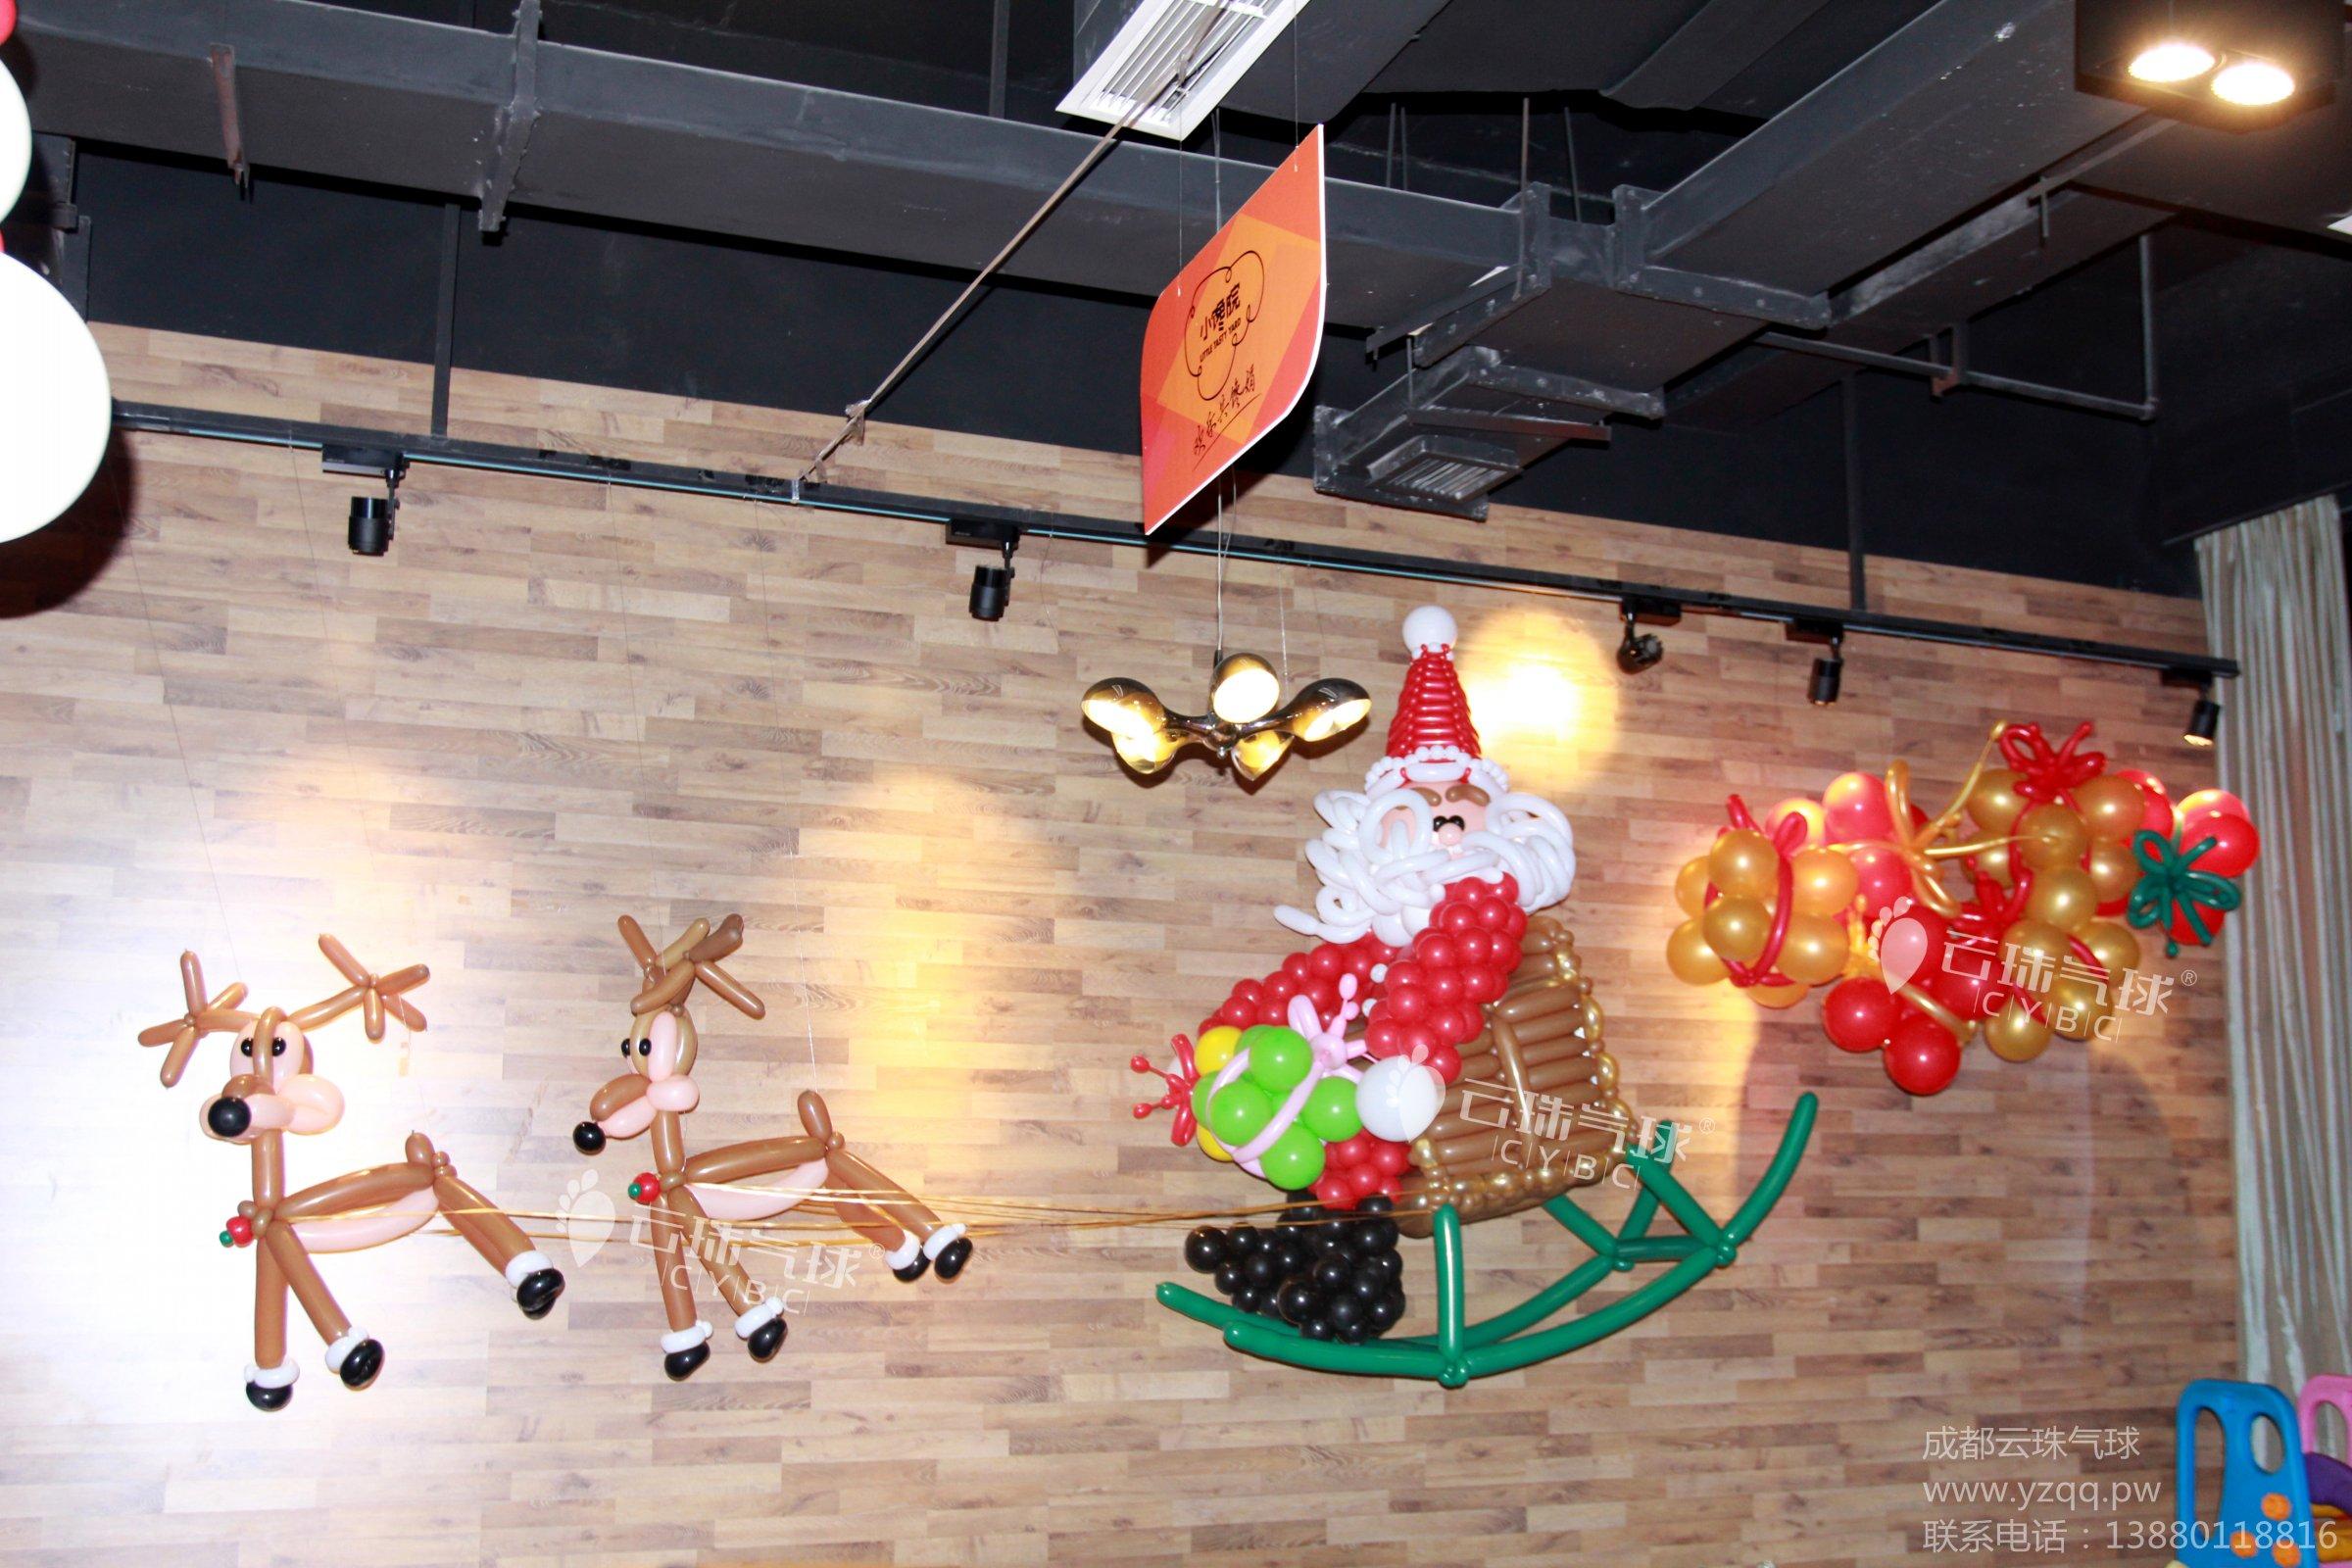 供应圣诞节气球造型/圣诞树气球/圣诞老人气球造型/成都气球